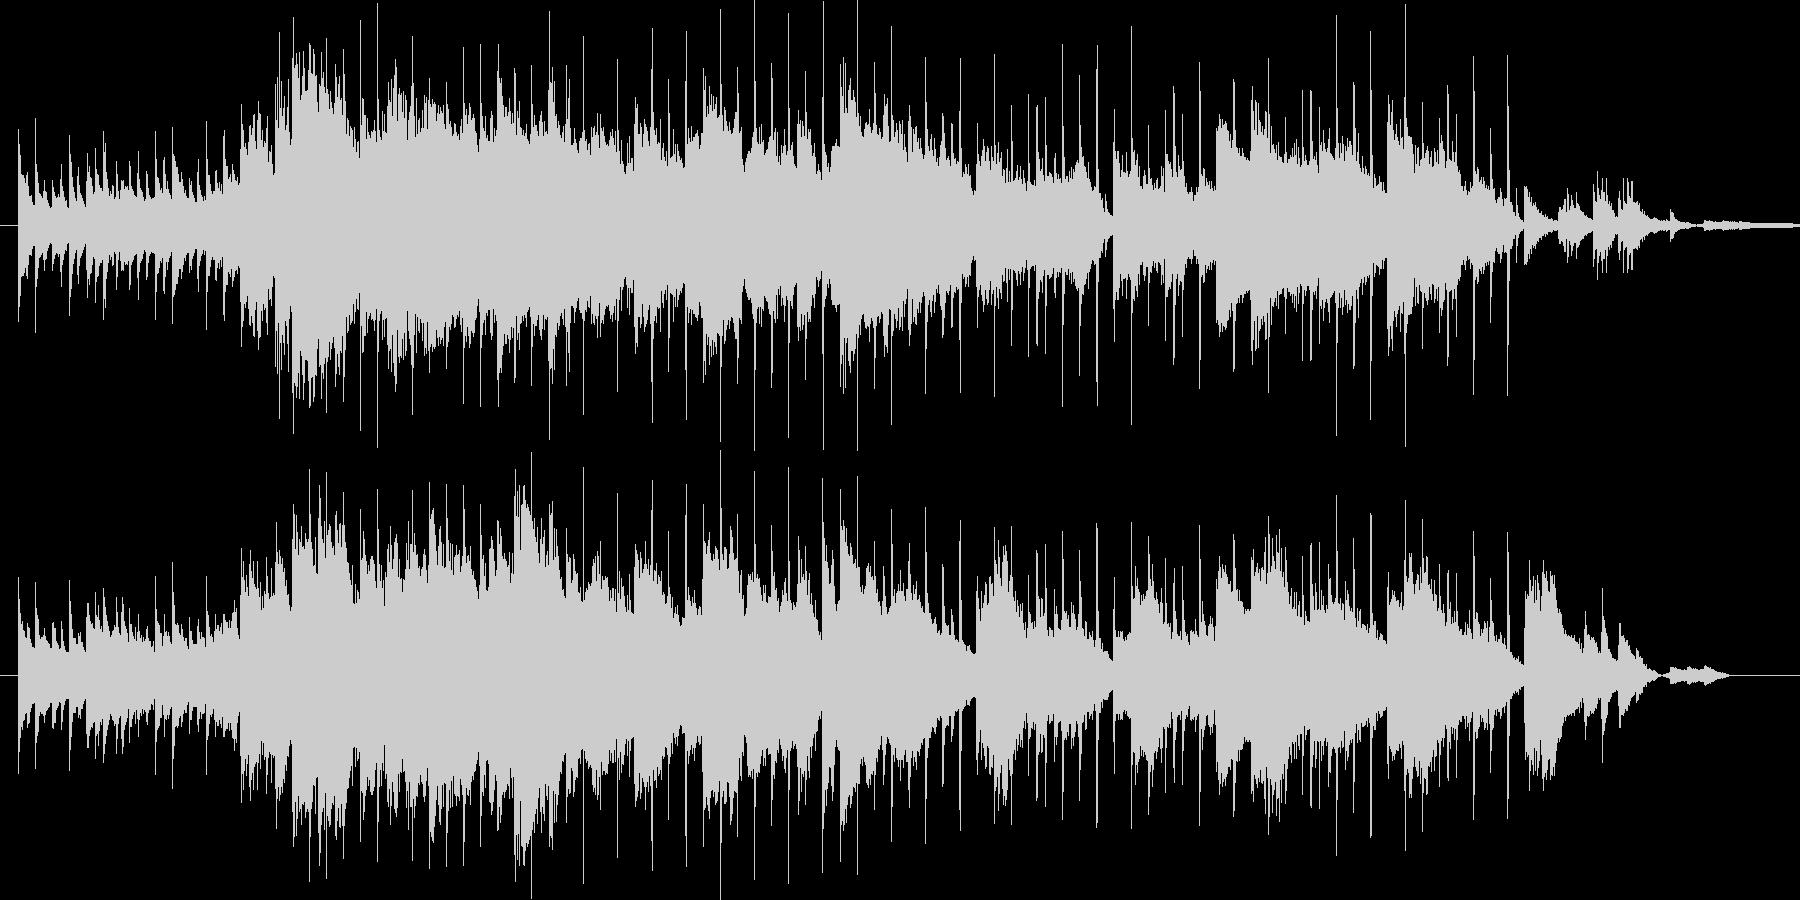 天空のbgmの未再生の波形